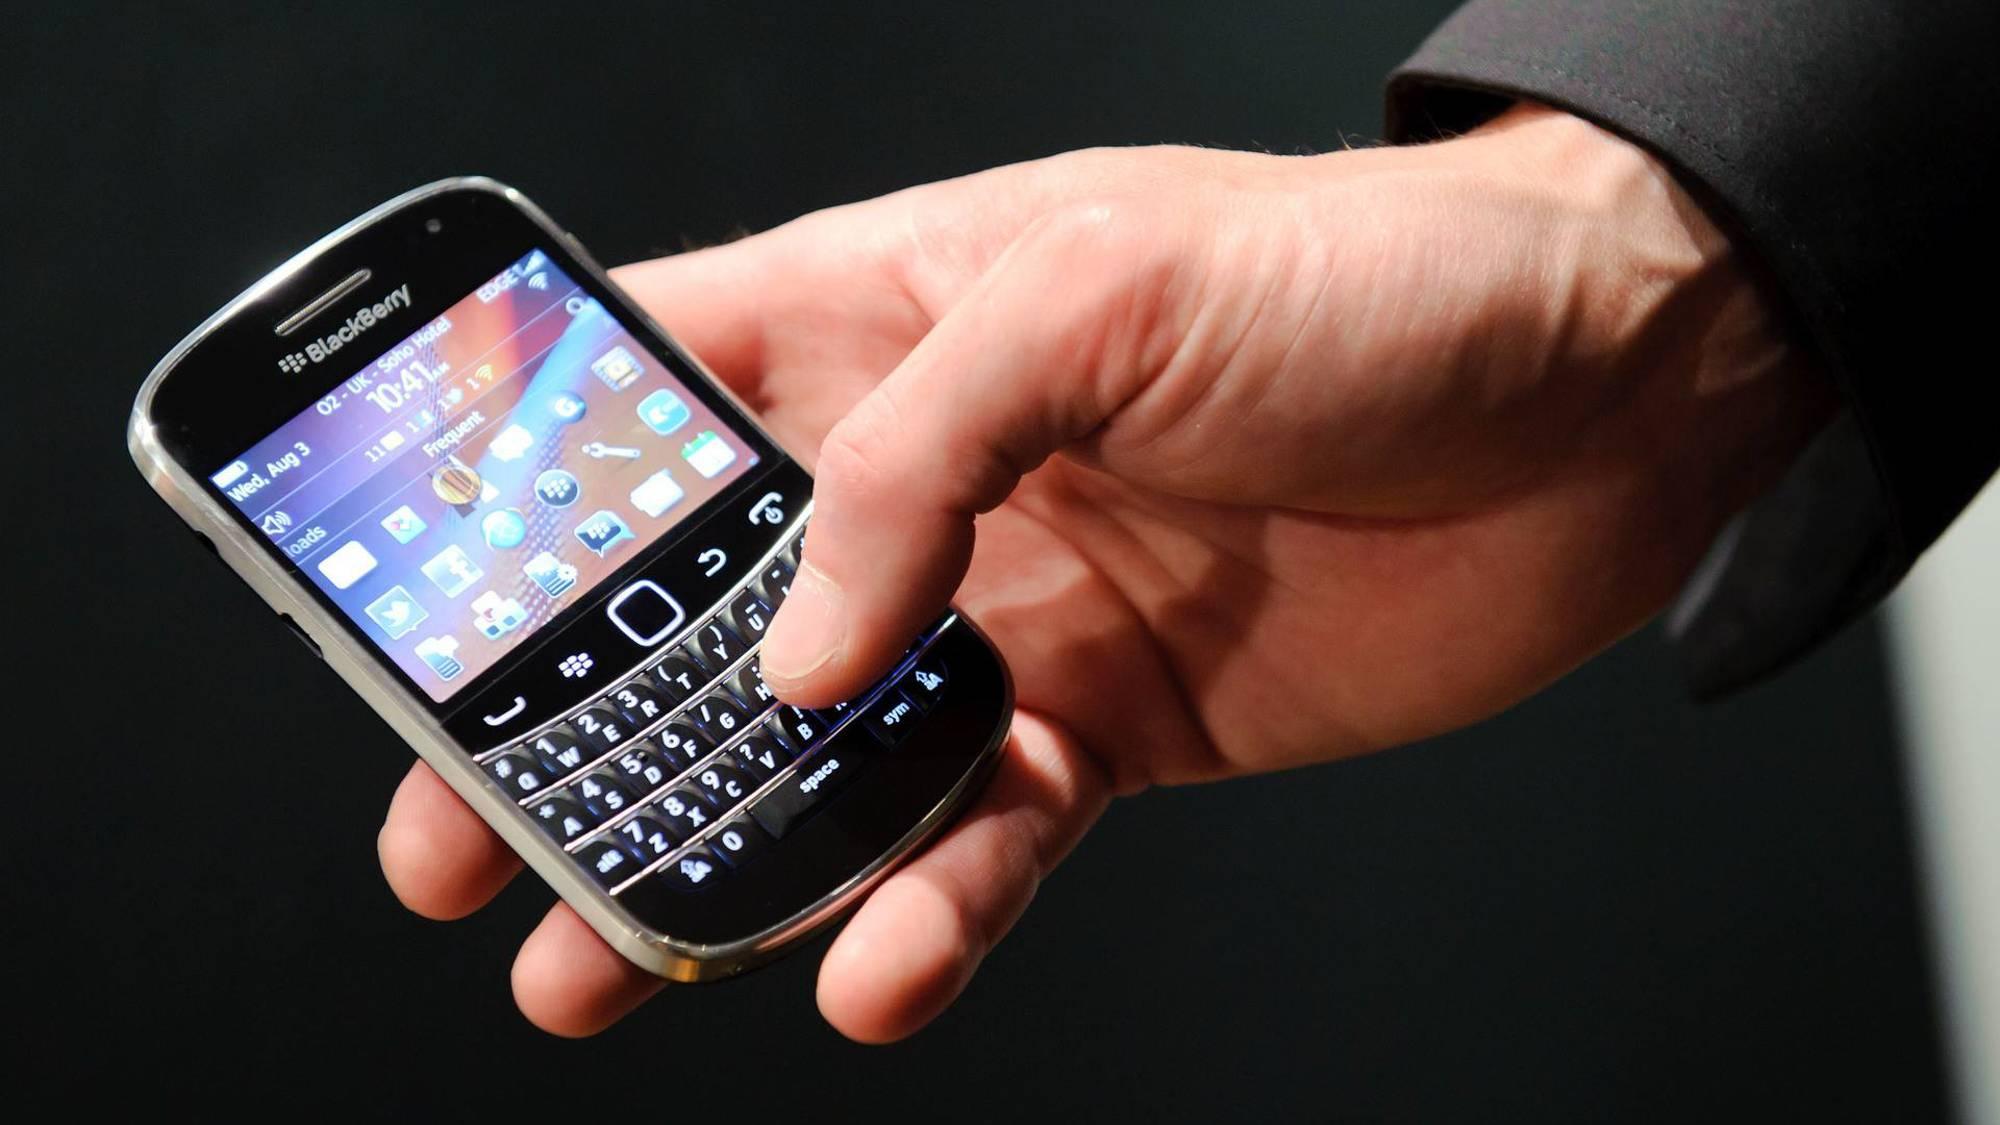 政企市场,国产手机们的新目标 2.11329525.jpg